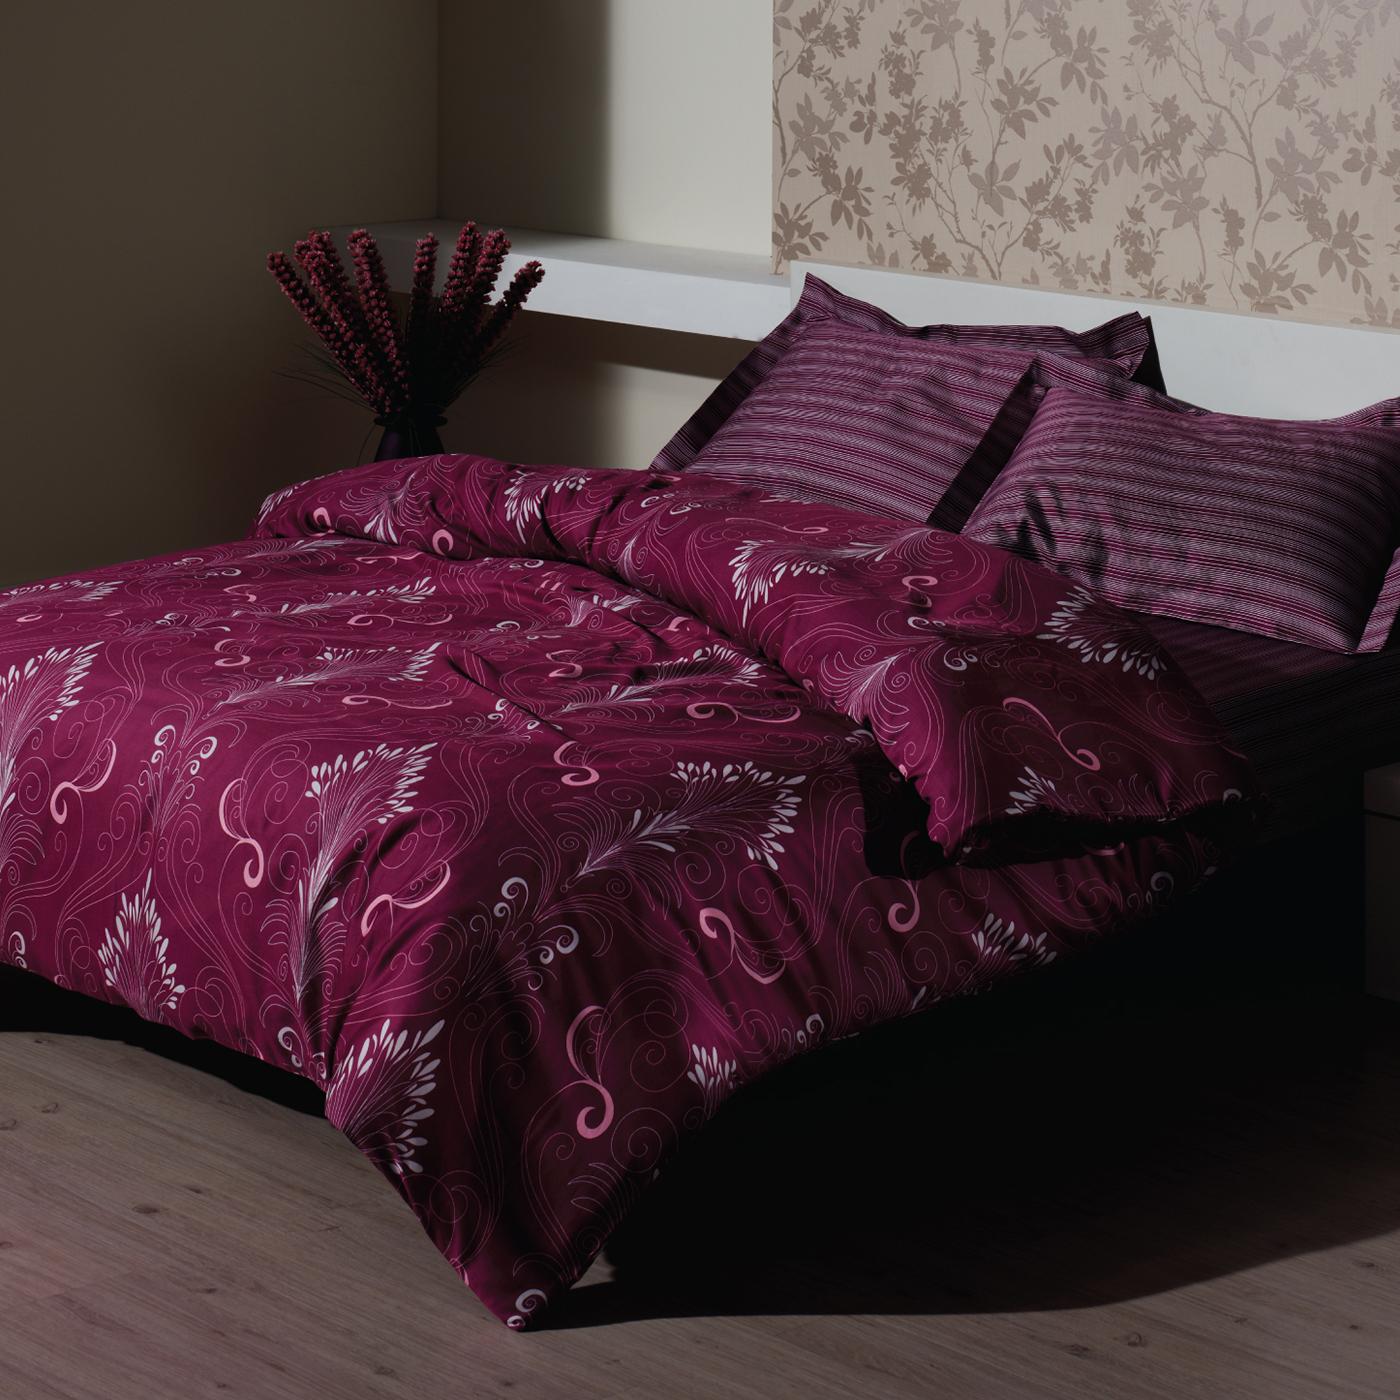 Купить Комплект постельного белья Damask Fuchsia Euro, inmyroom, Турция